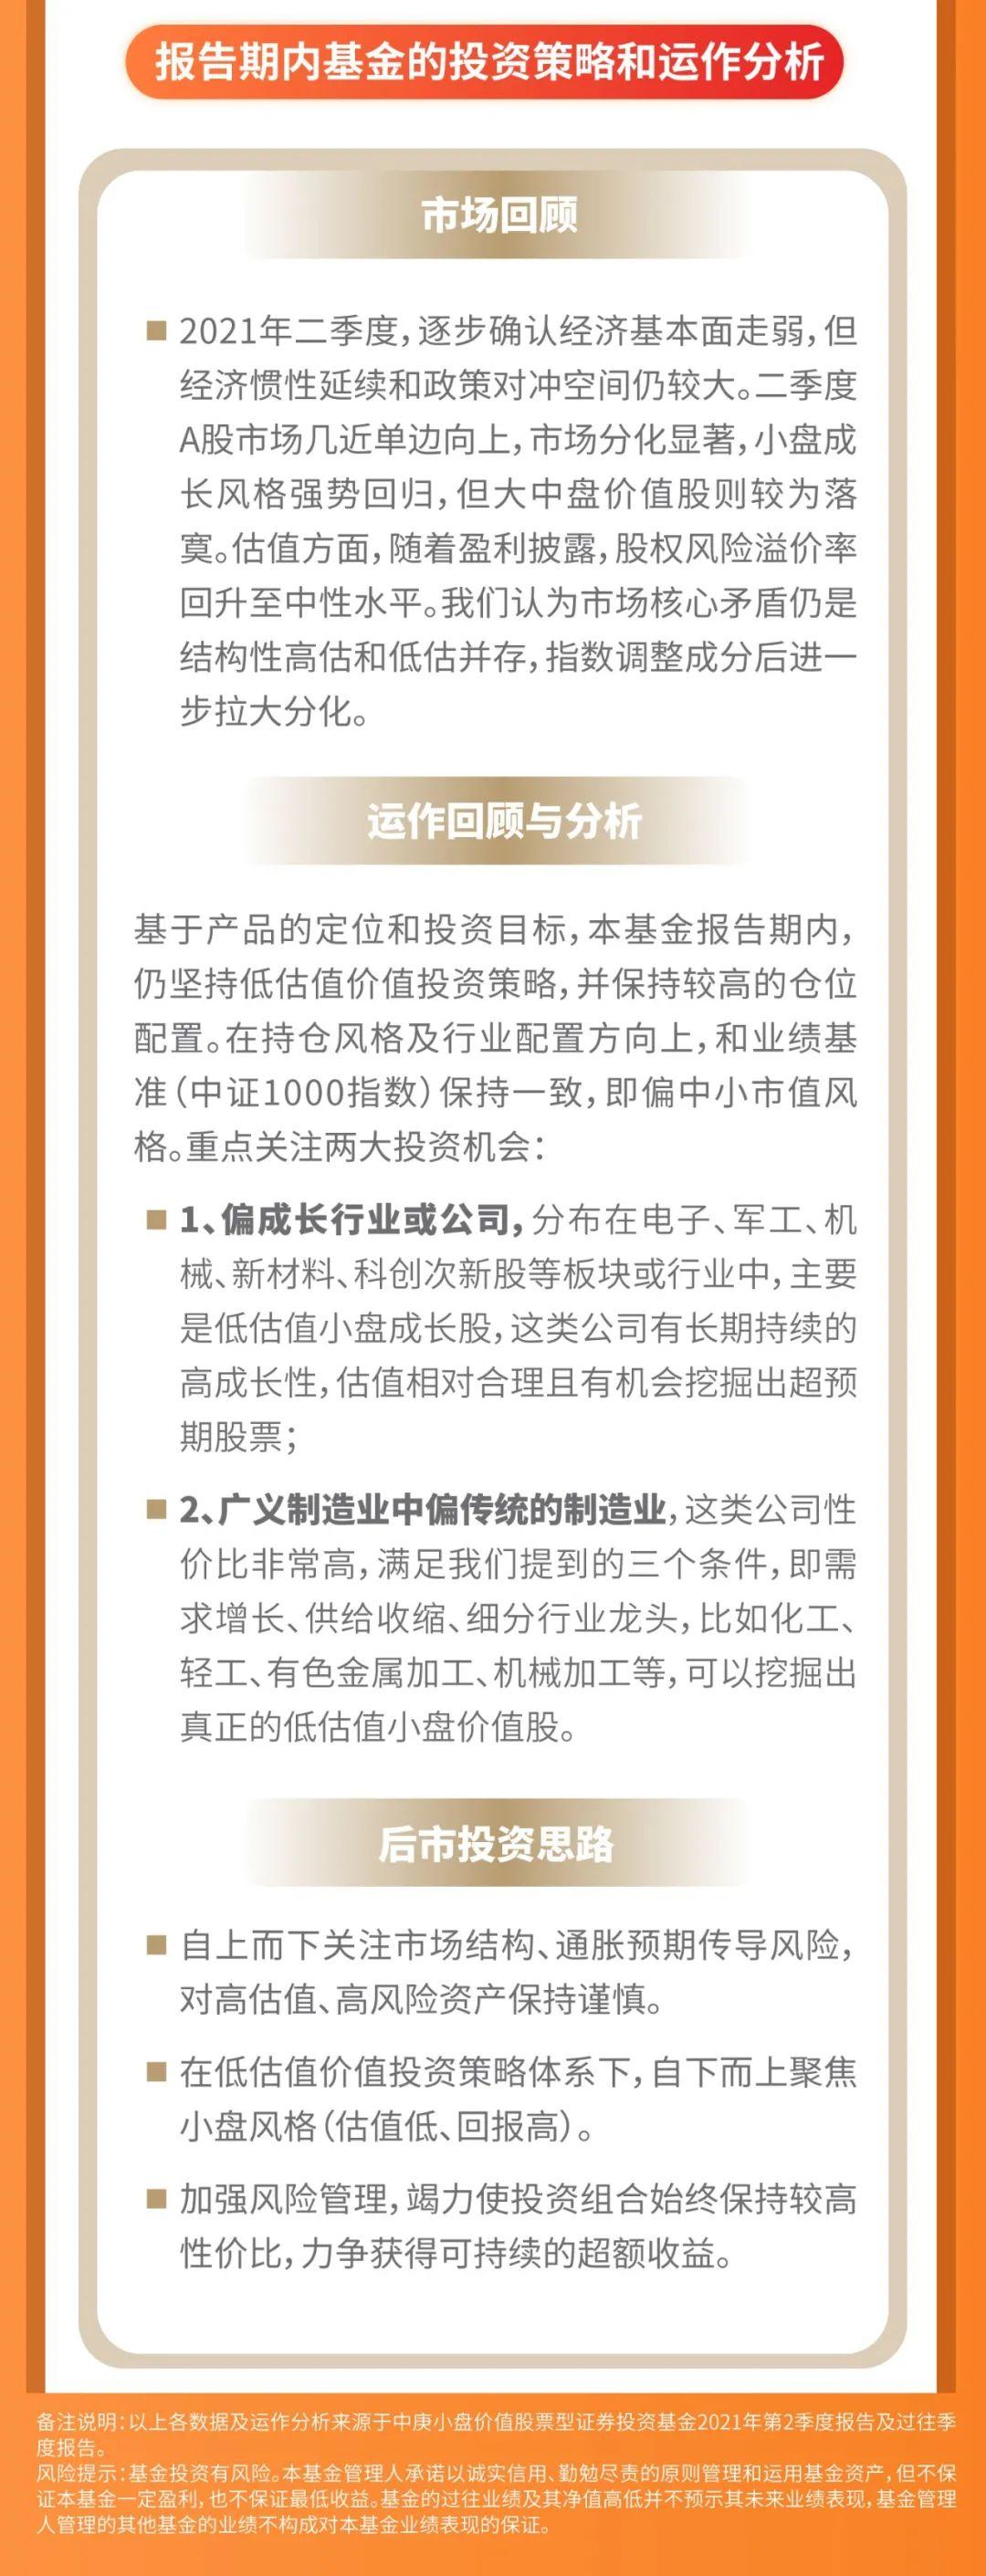 【季报直击】新鲜出炉:中庚小盘价值2021年2季报核心解读